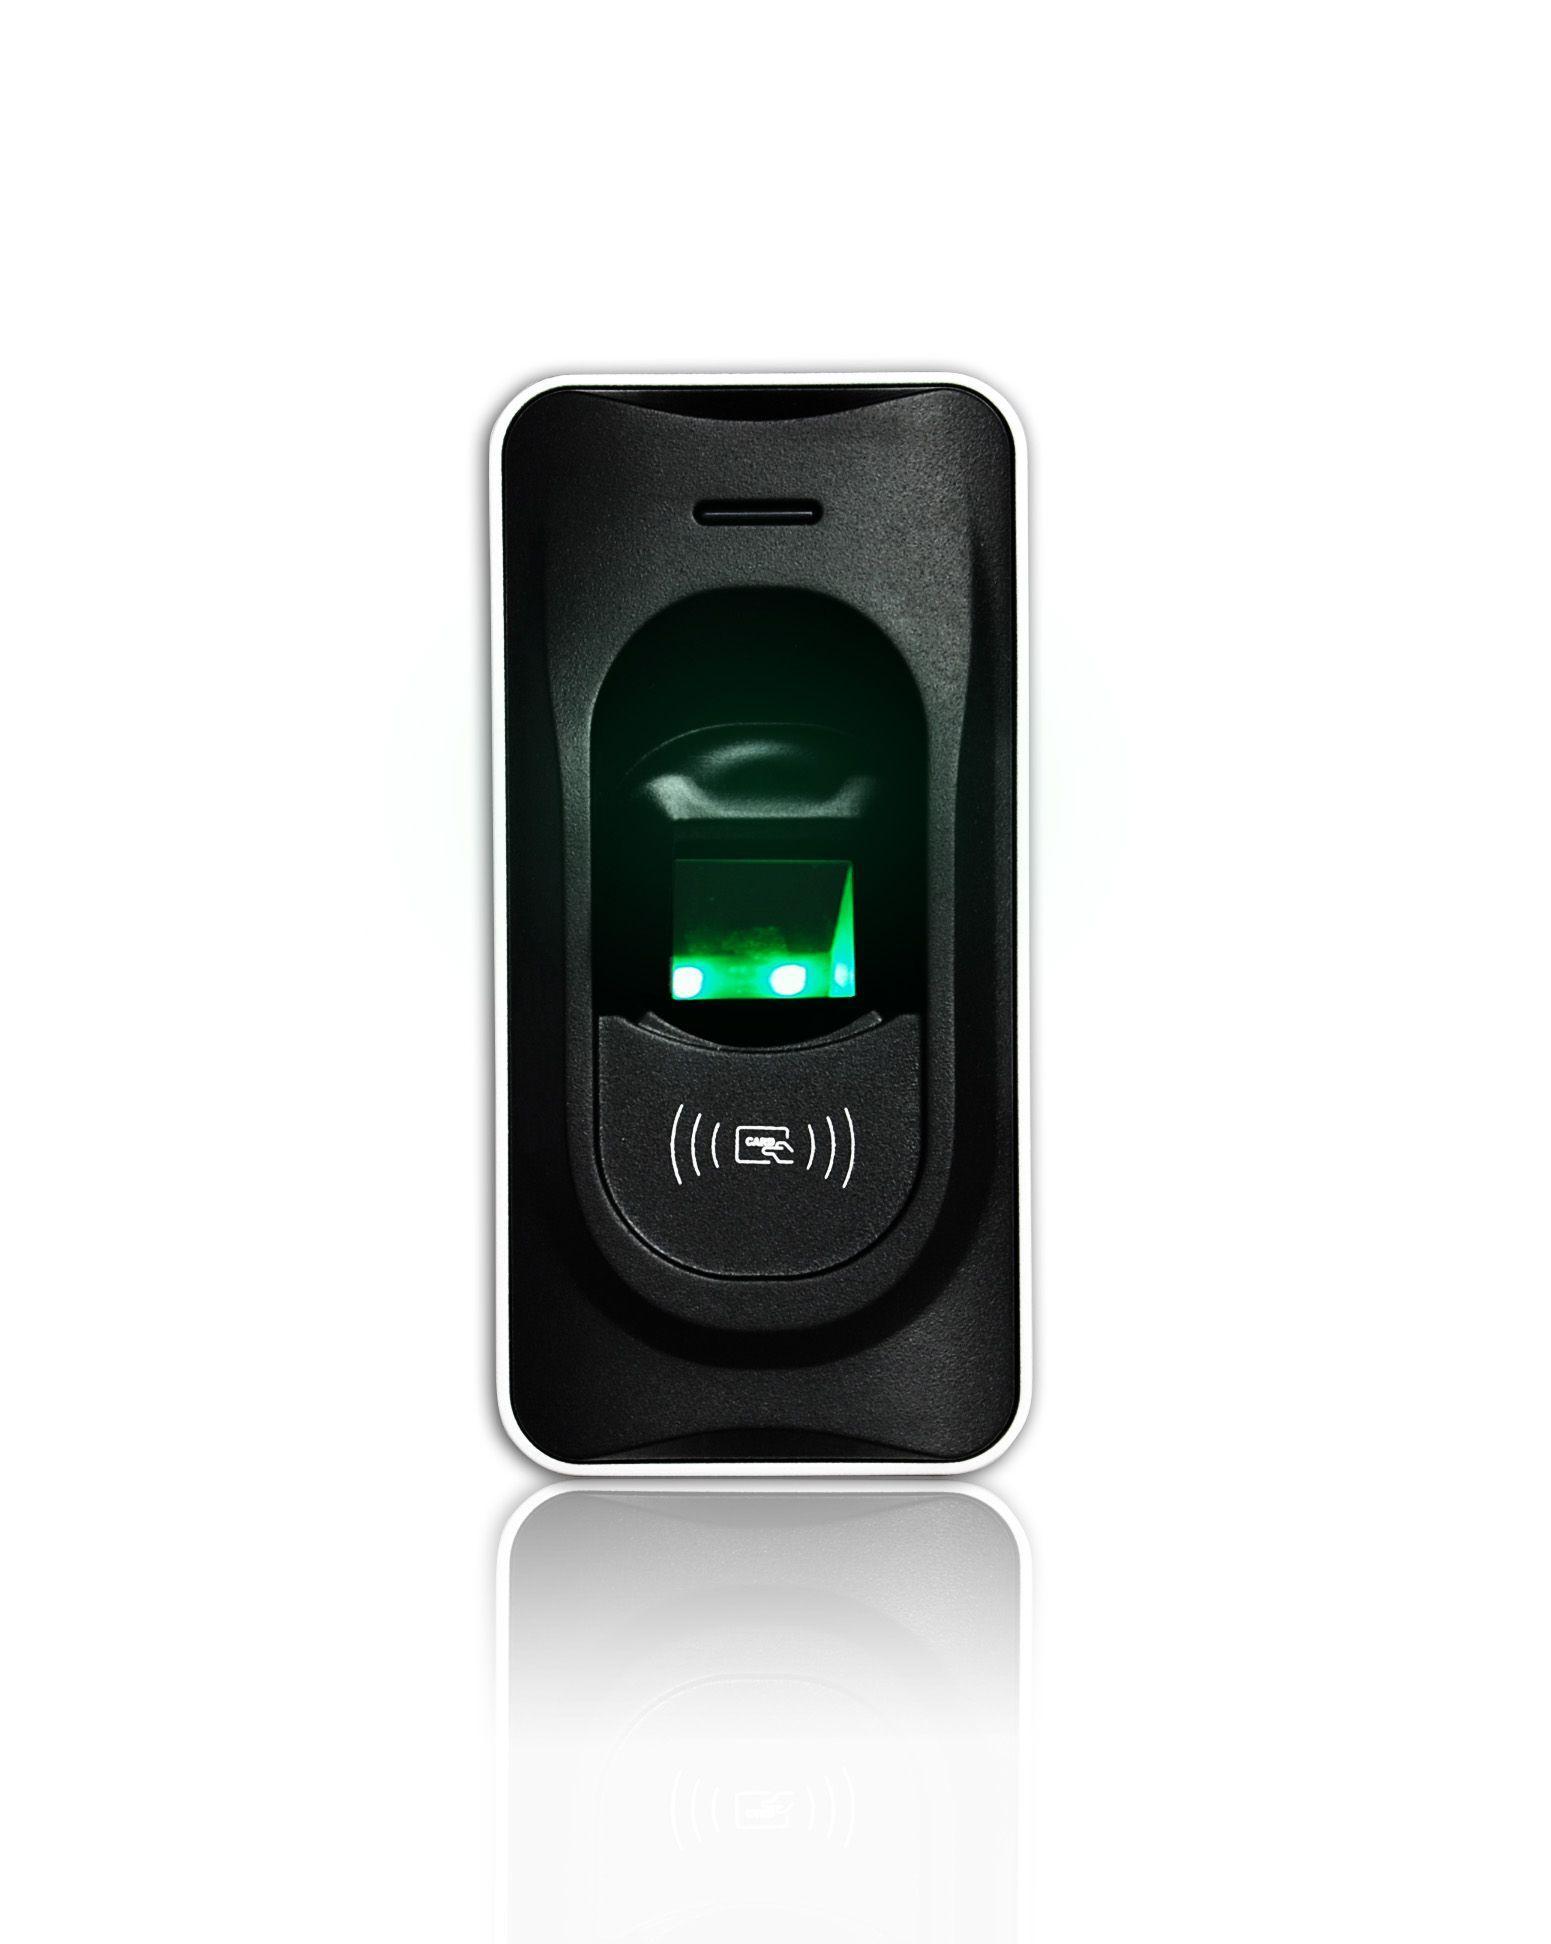 Lecteur biom trique fr1200 bt security for Lecteur biometrique exterieur